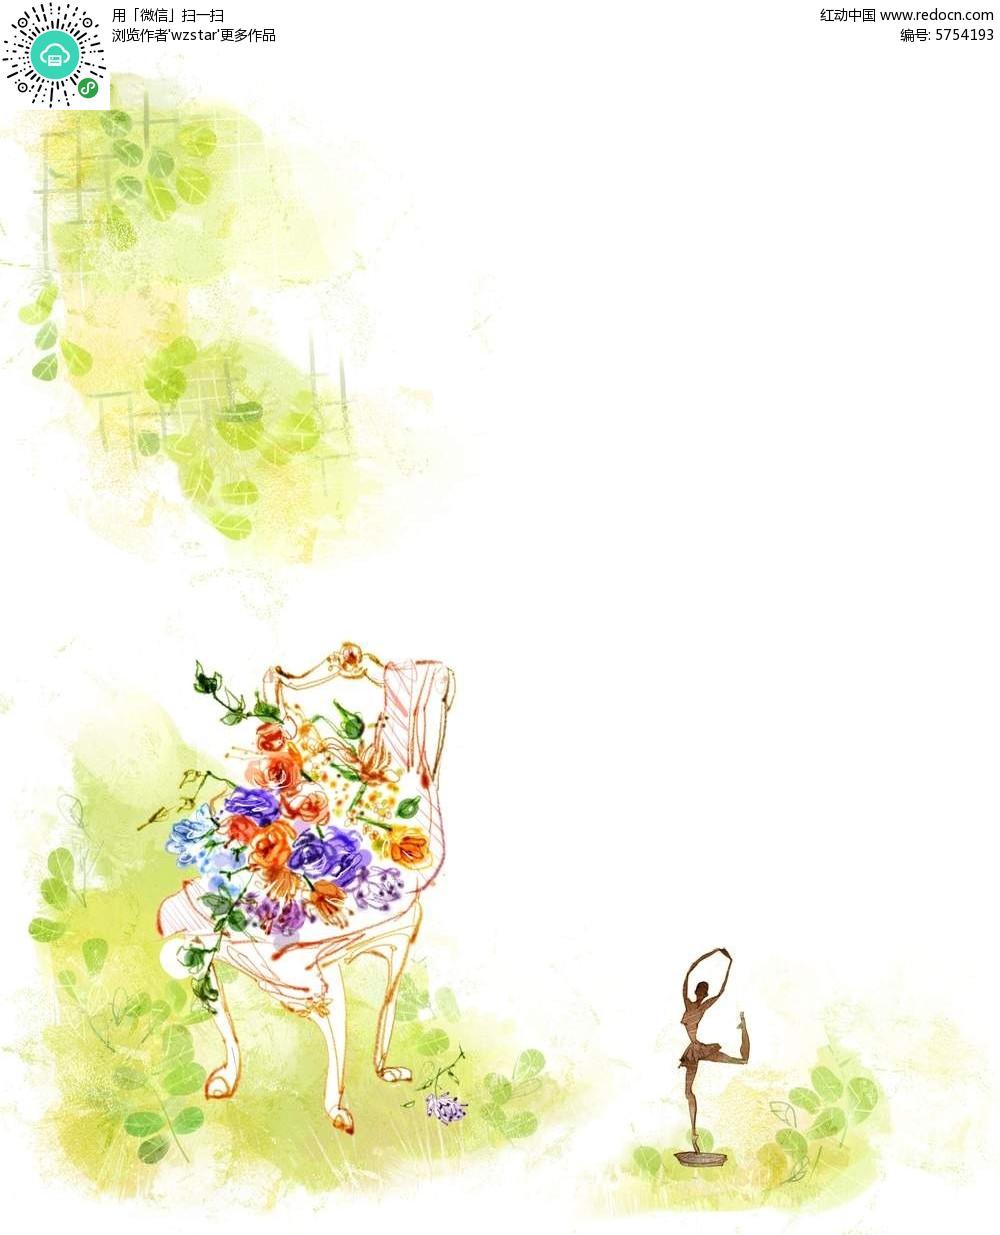 椅子上的花朵手绘psd素